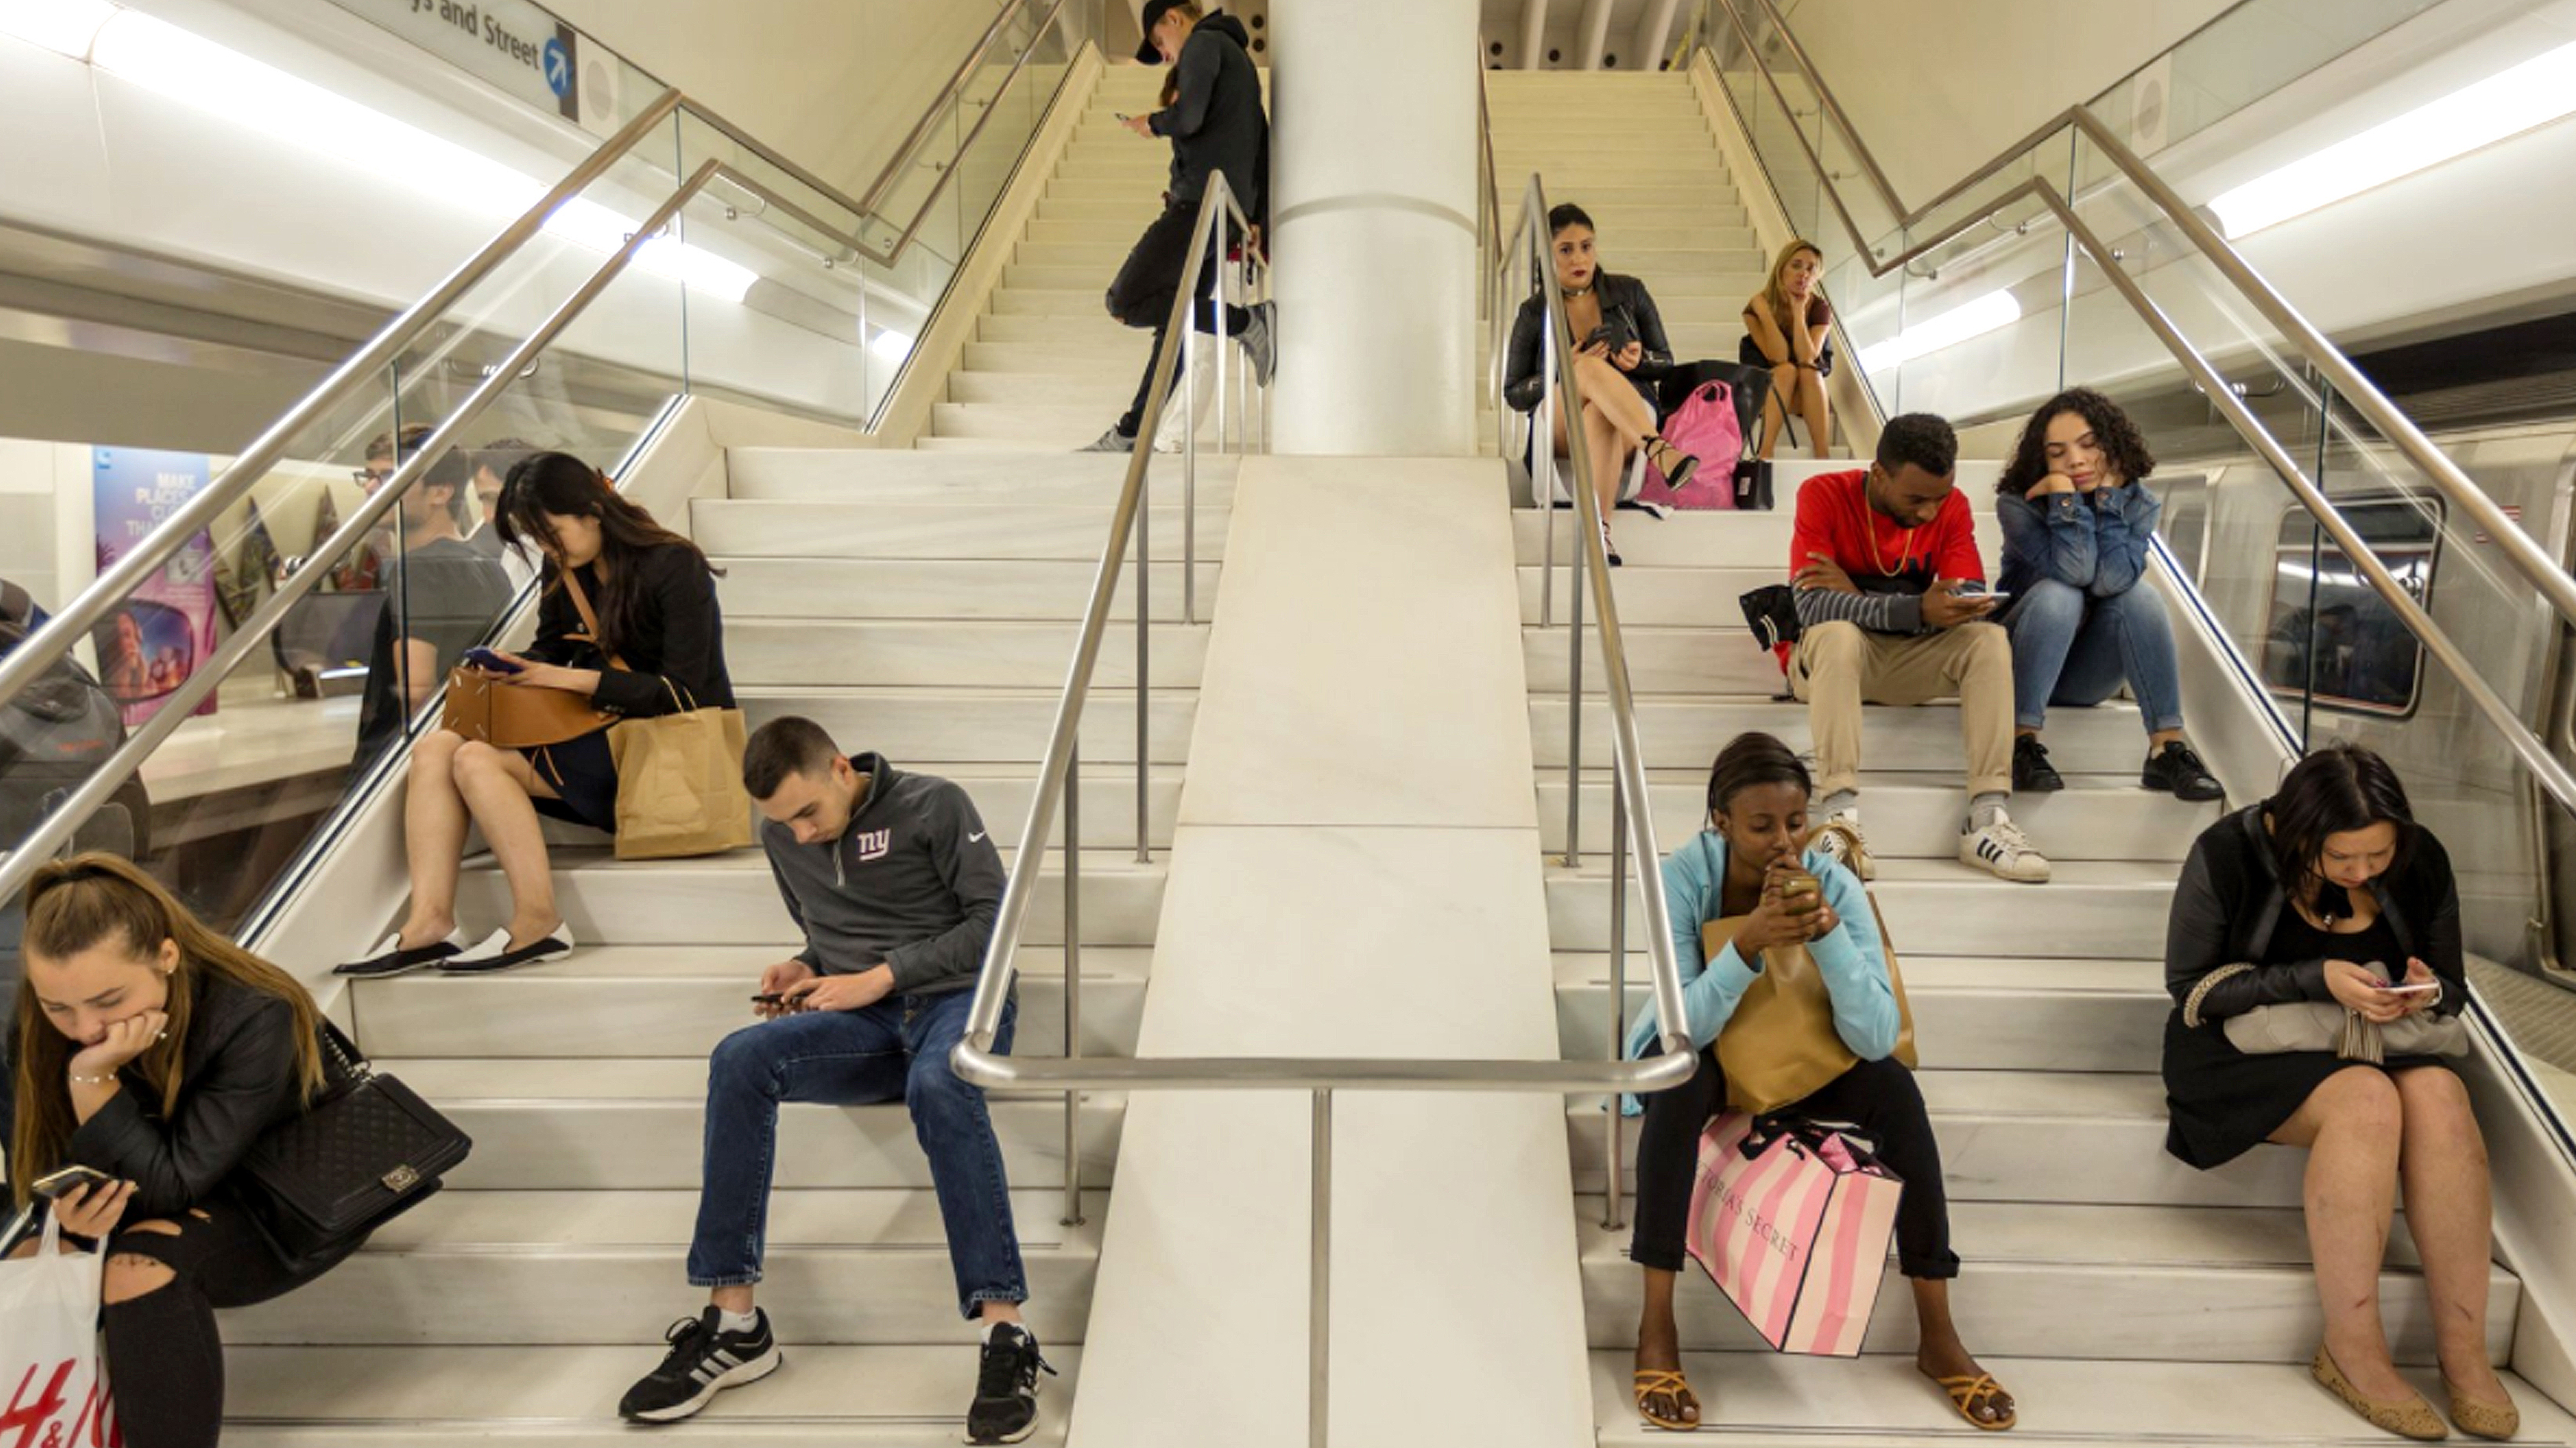 ¿Auge y caída de los millennials?: Estudio revela que sus ingresos no aumentan como en la Generación X